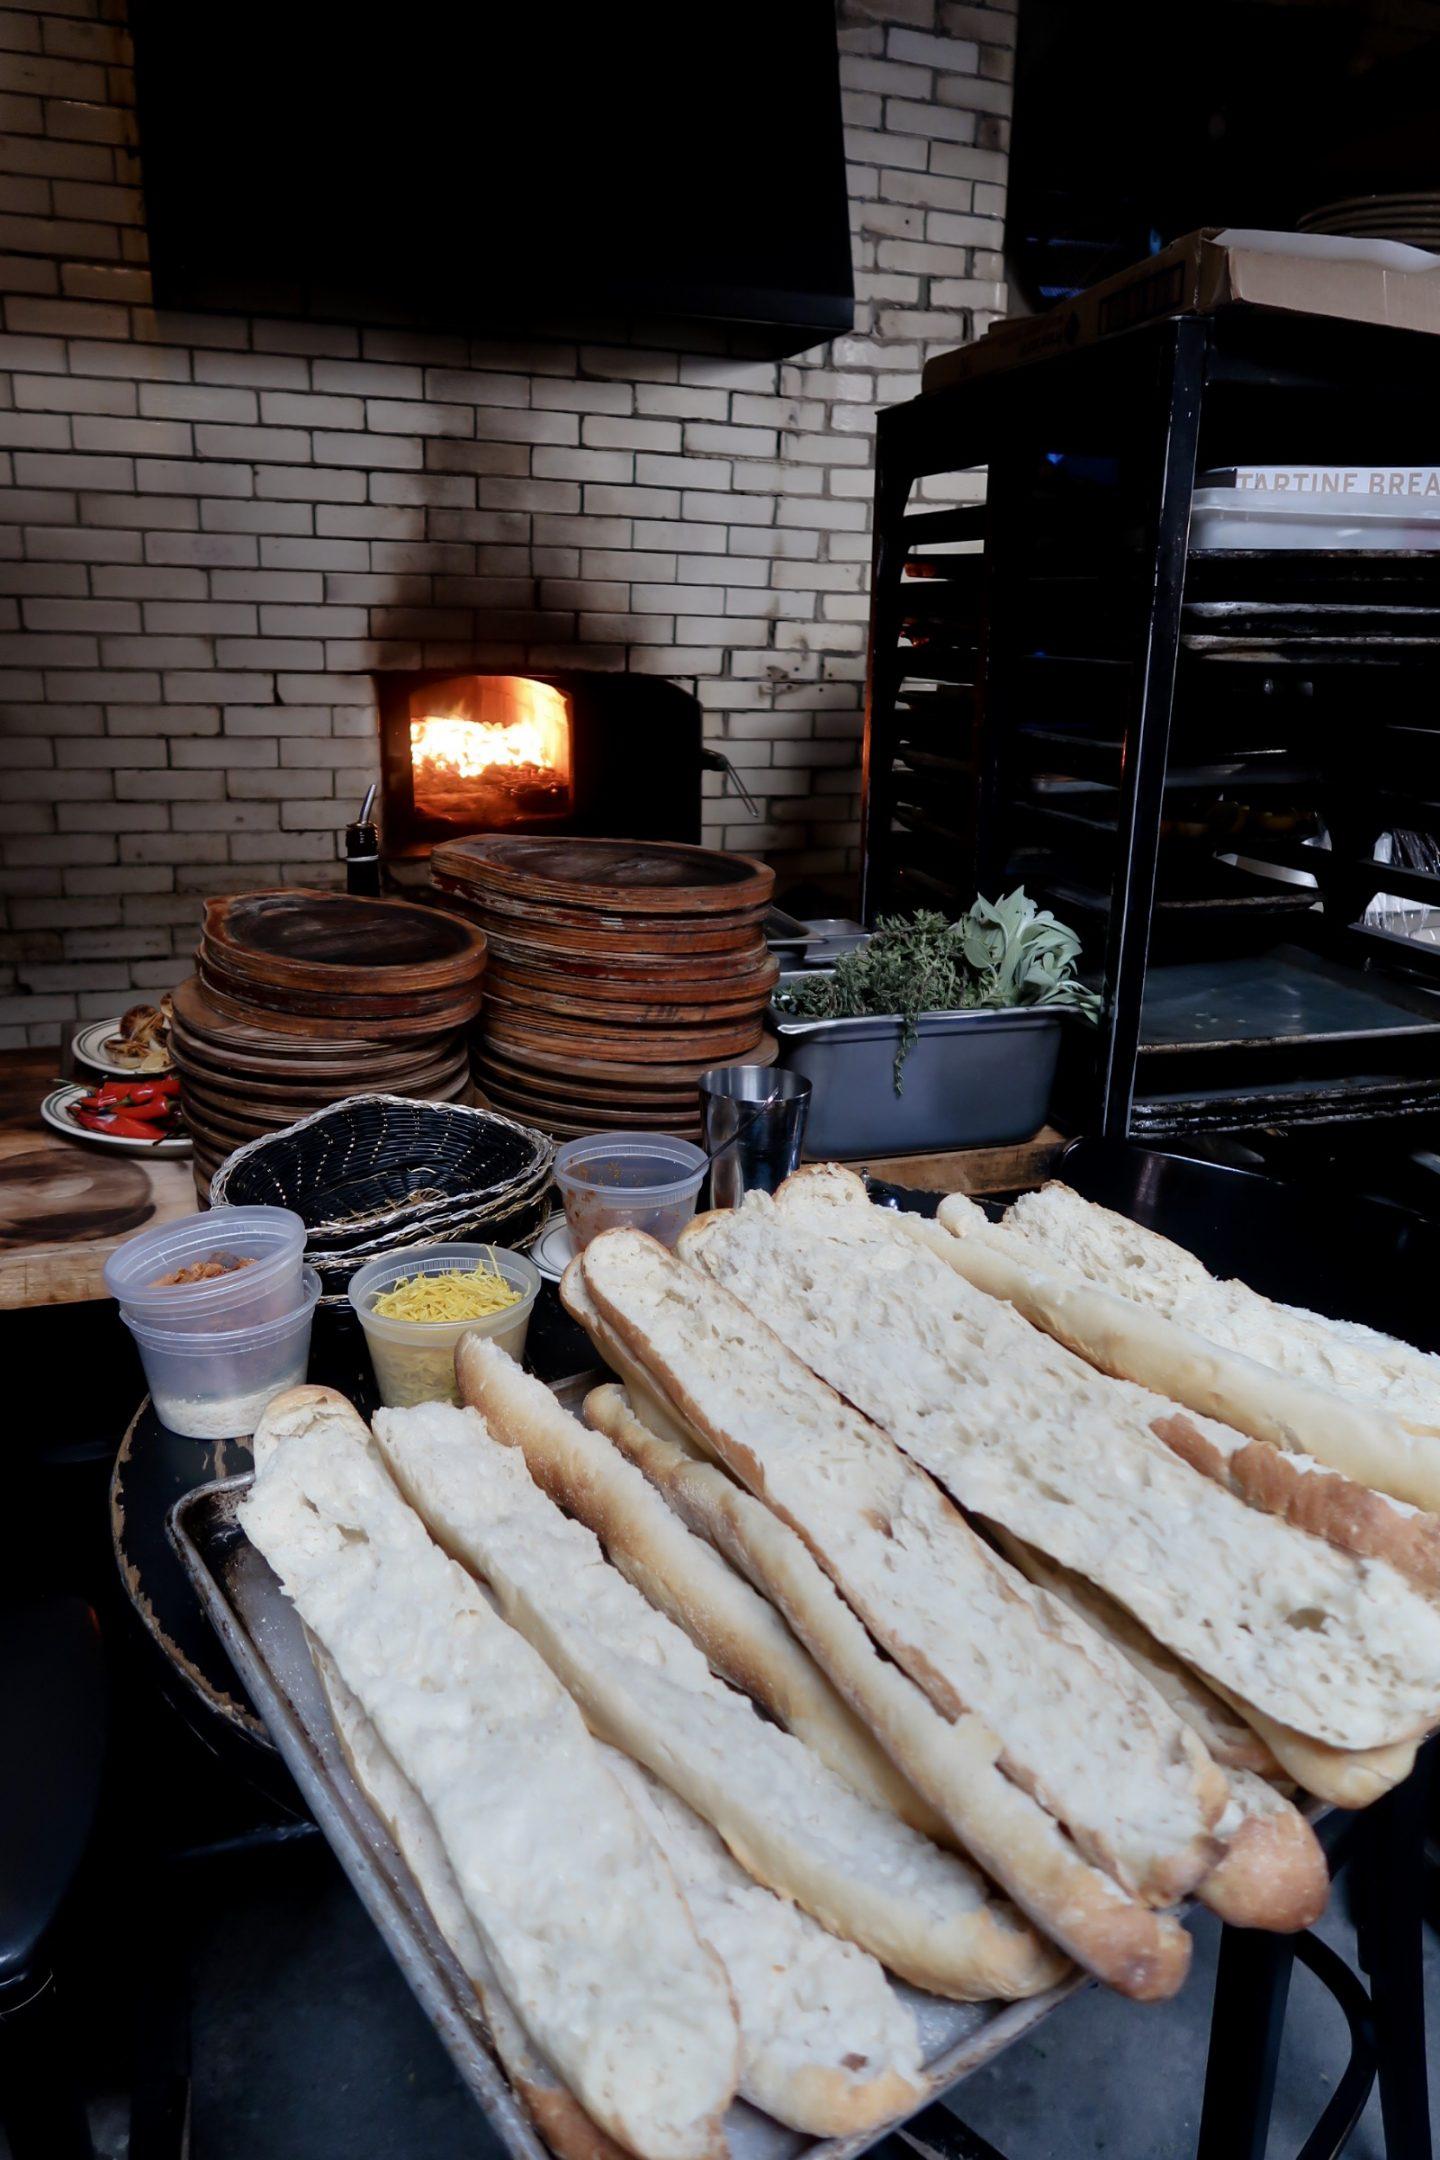 Antique Bar & Bakery - Hoboken, New Jersey - Lauren Schwaiger Travel Blog